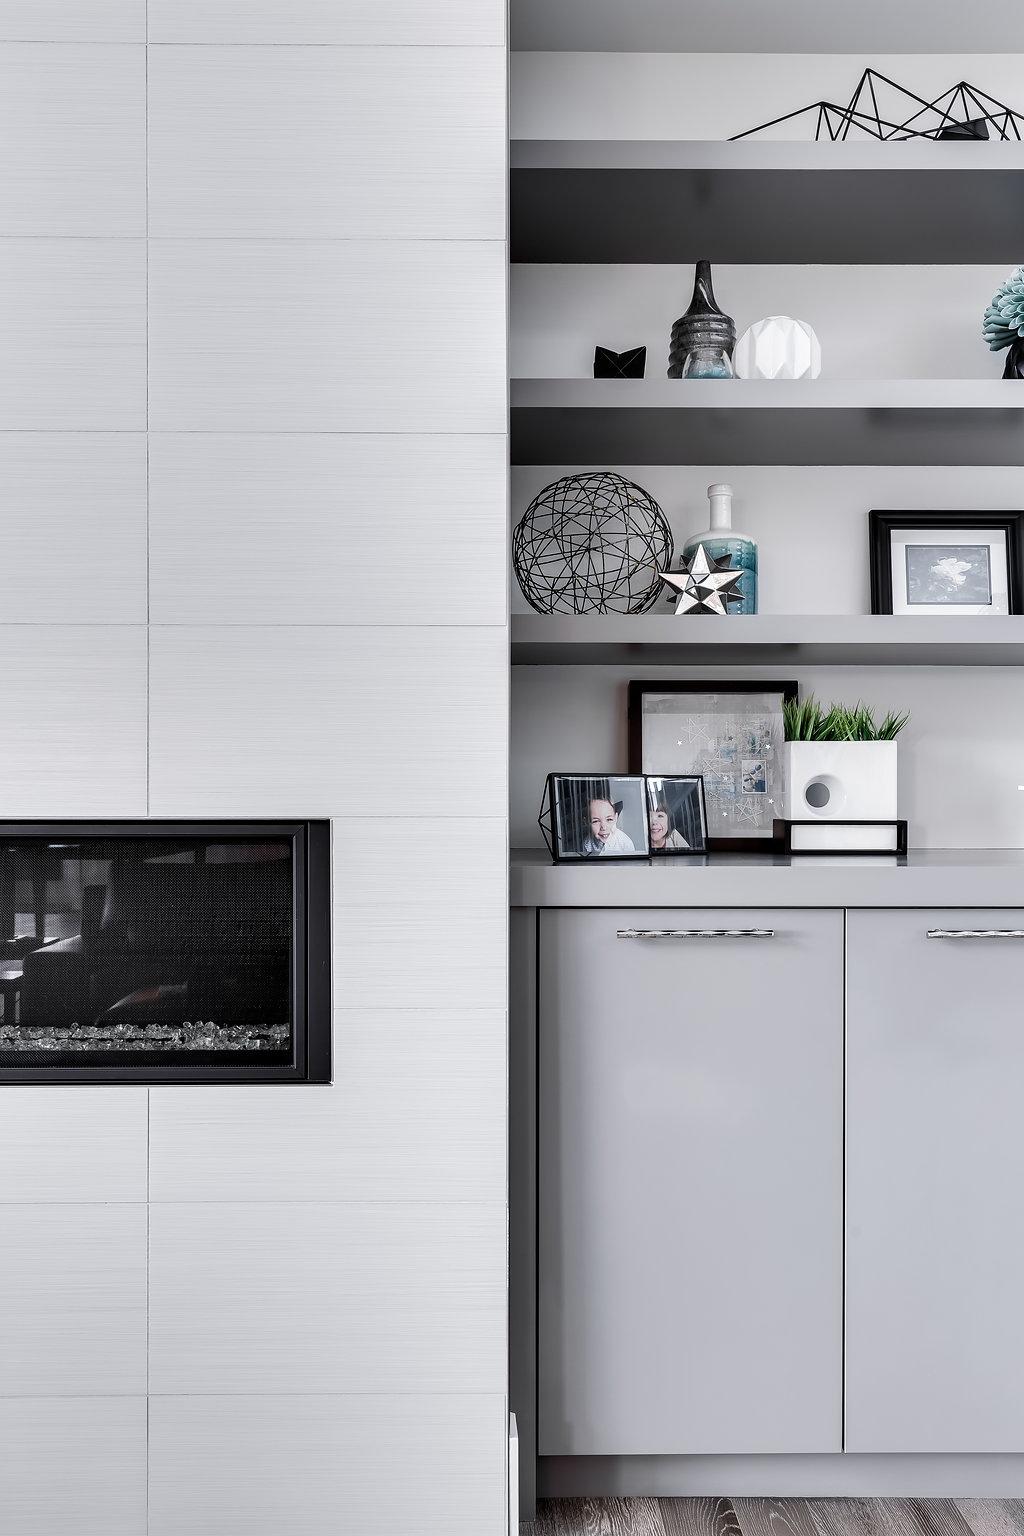 Calgary Modern Interior Design Shelving.jpg